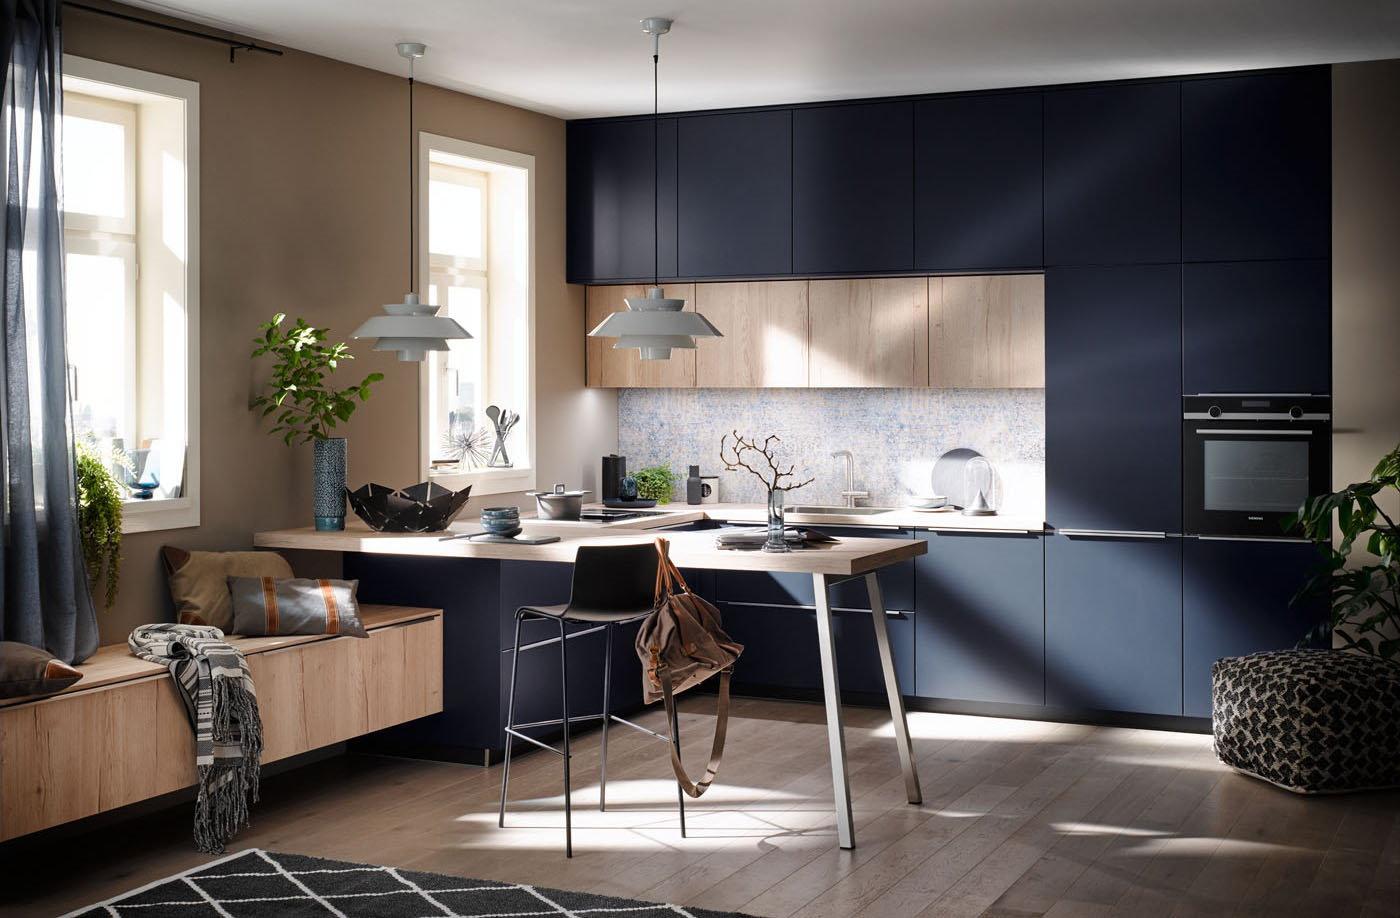 Aanrechtblad ruimte ideeën: Häcker L-keuken met bar AV 1097 AV 6000